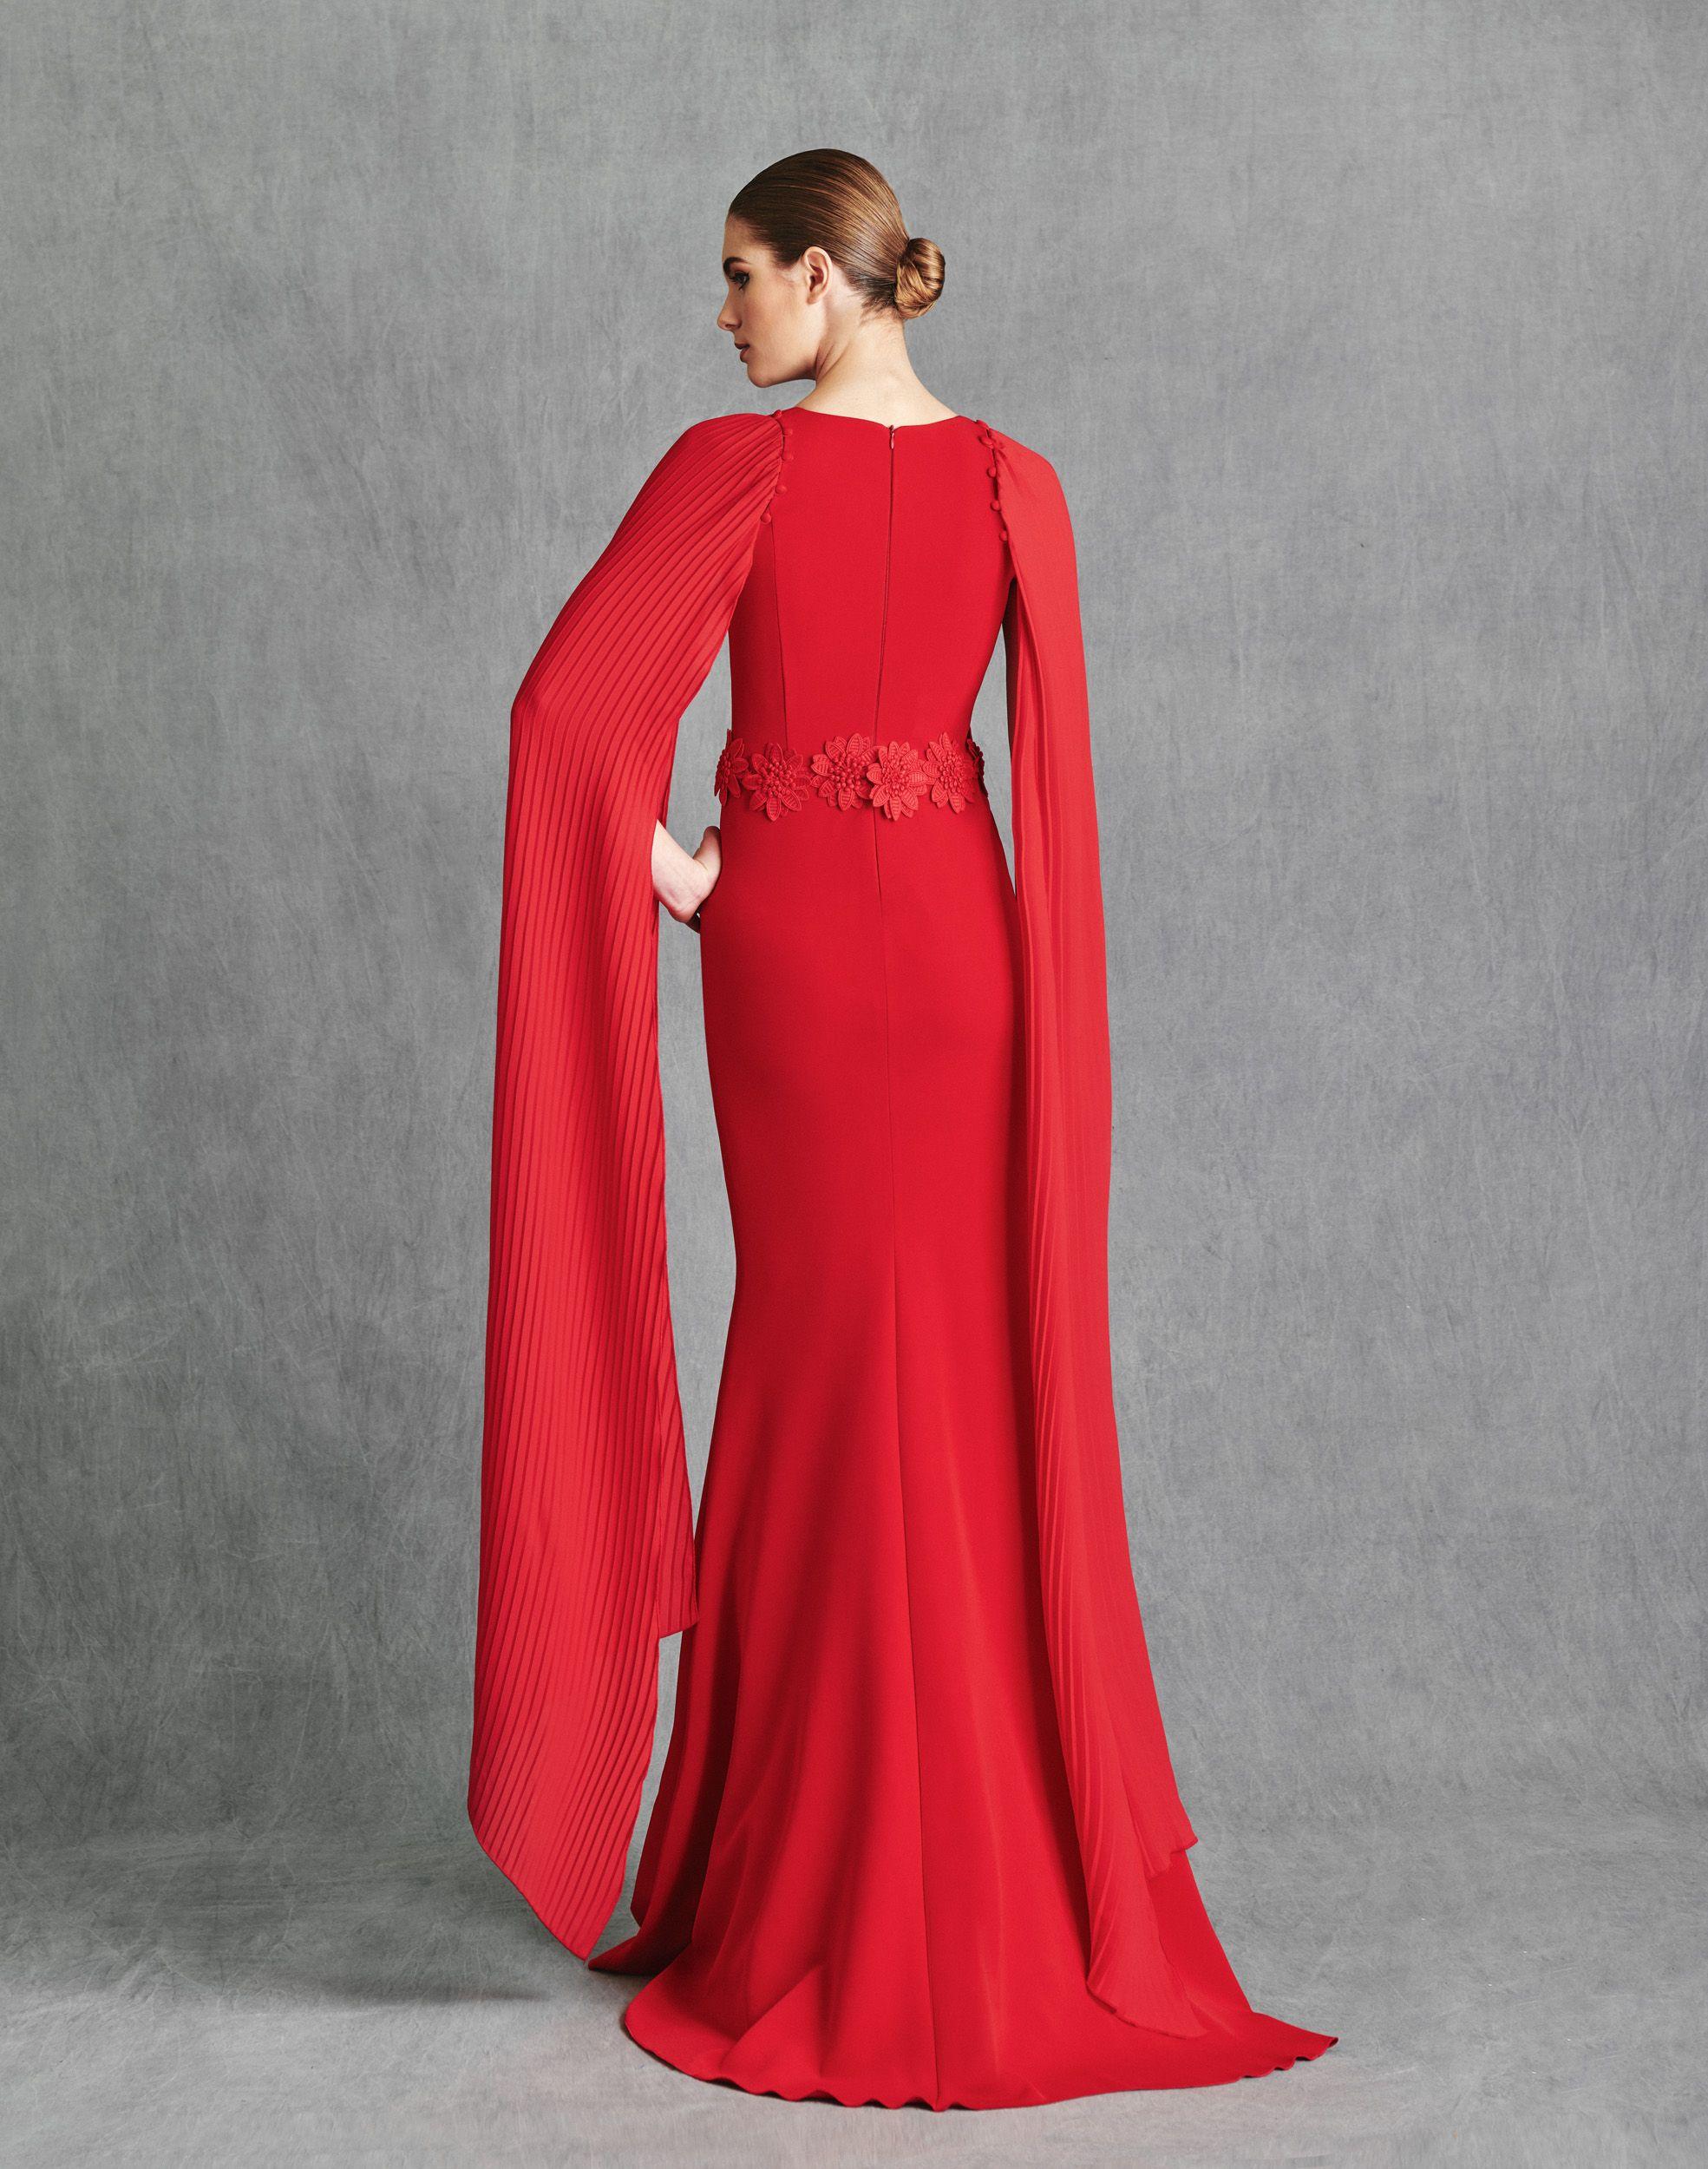 Vestidos de Fiesta 2020 - Silvia Fernandez Atelier - ISLANDIA - detras